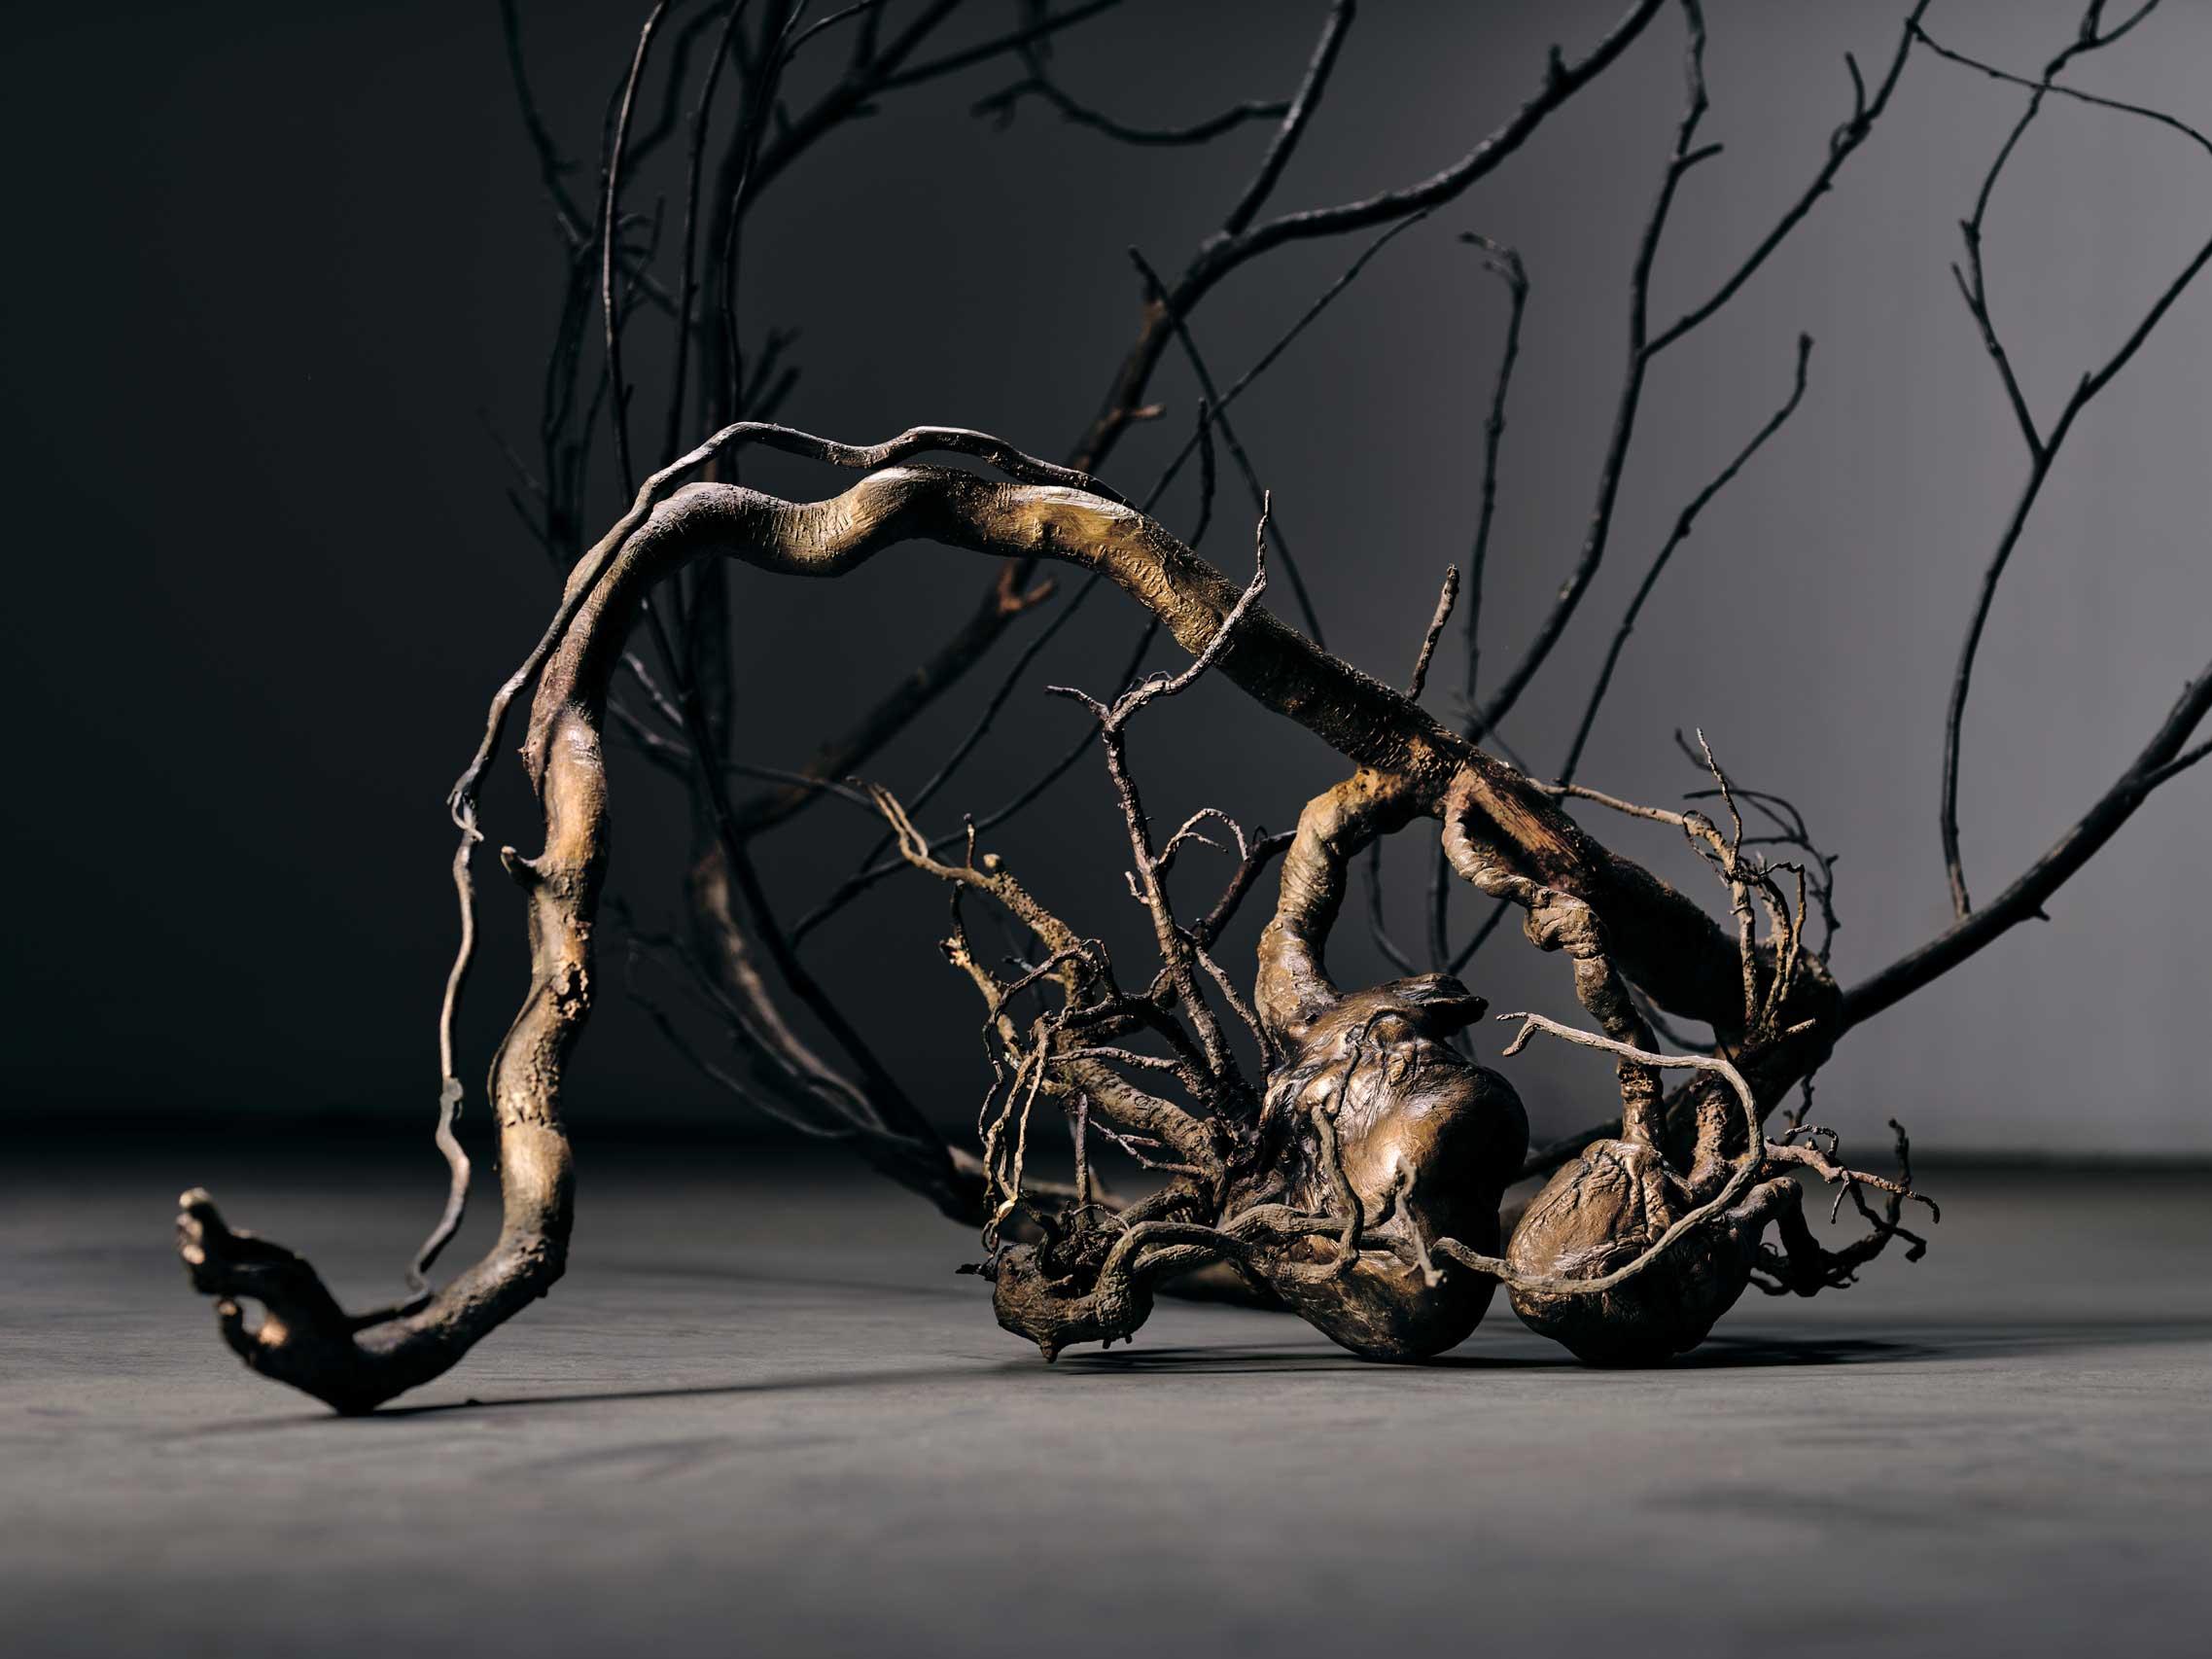 Doble Latido, fragmento. Obra de Javier Pérez realizada en Alfa Arte. Bronce y acero inoxidable.